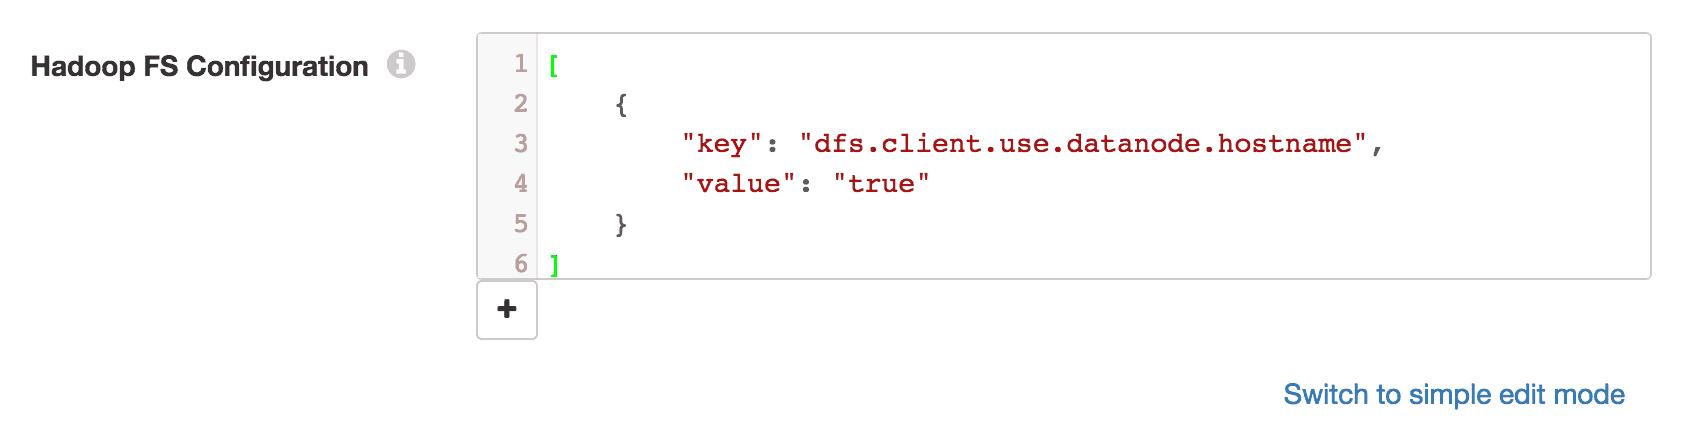 Hadoop FS Configuration